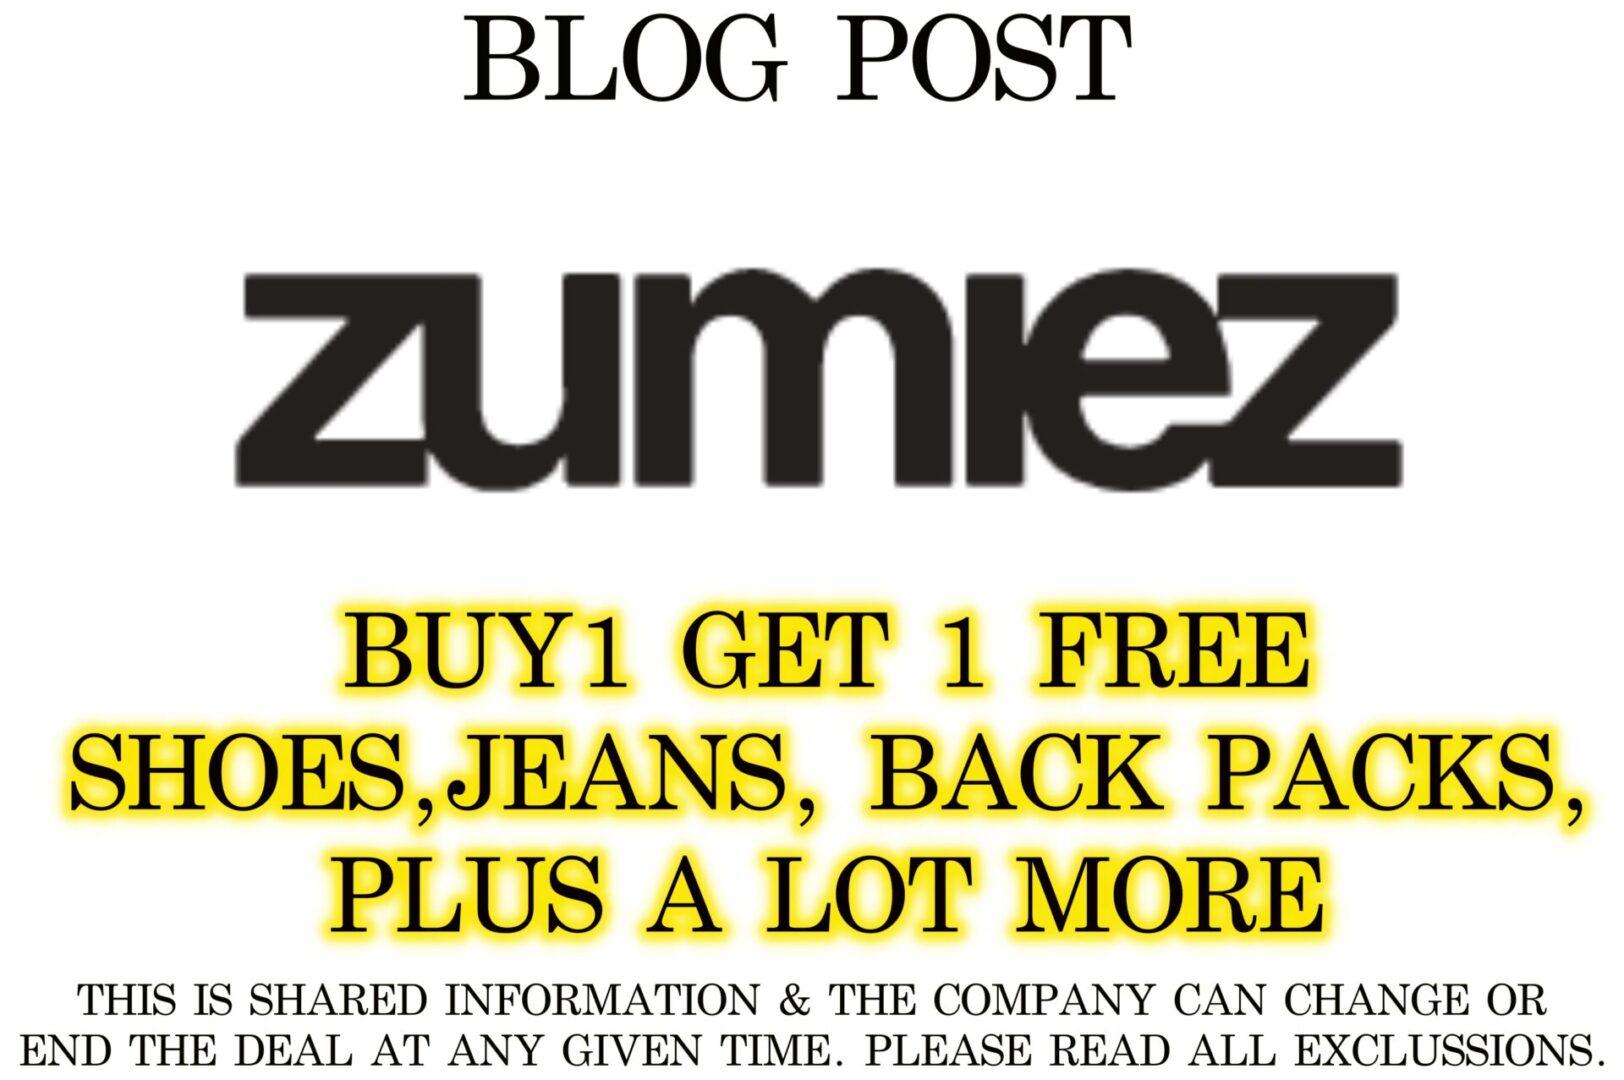 ZUMIEZ-2